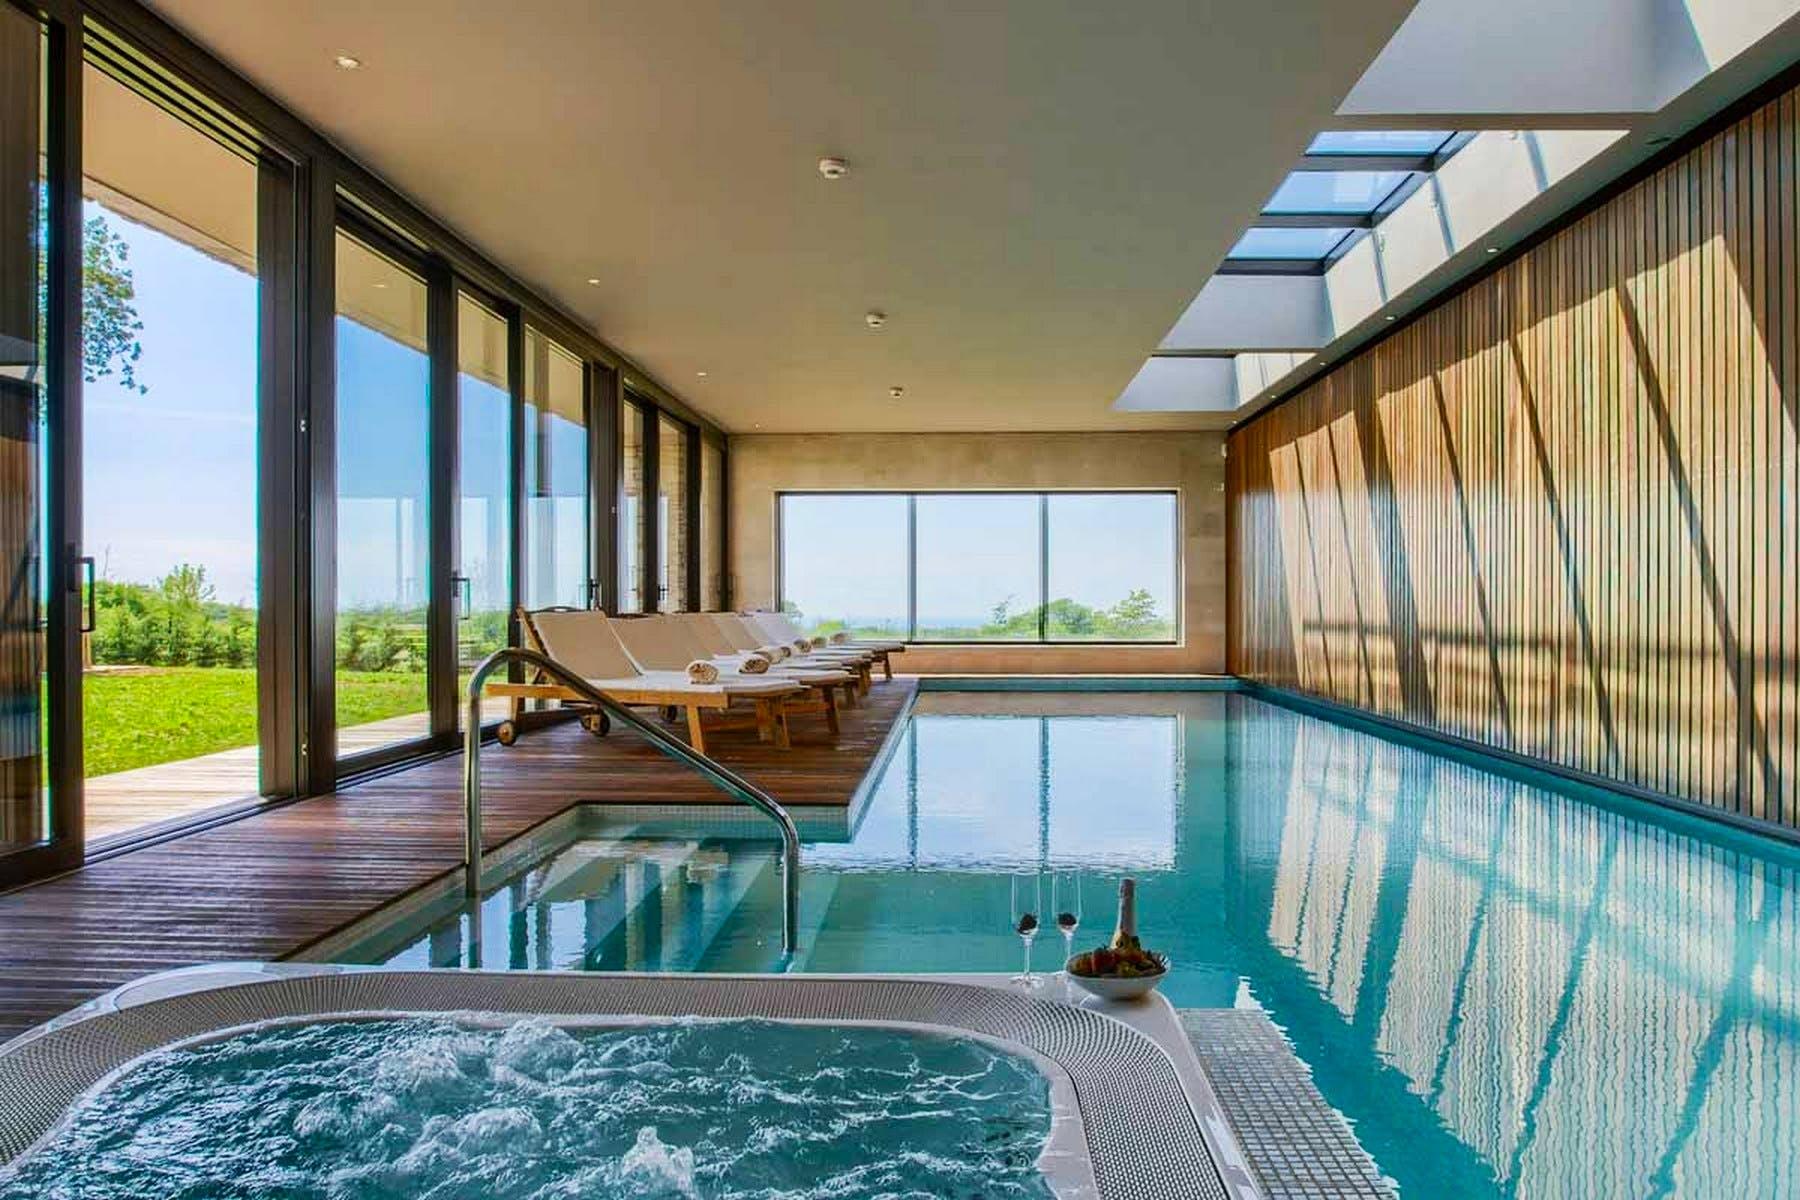 18-meter pool